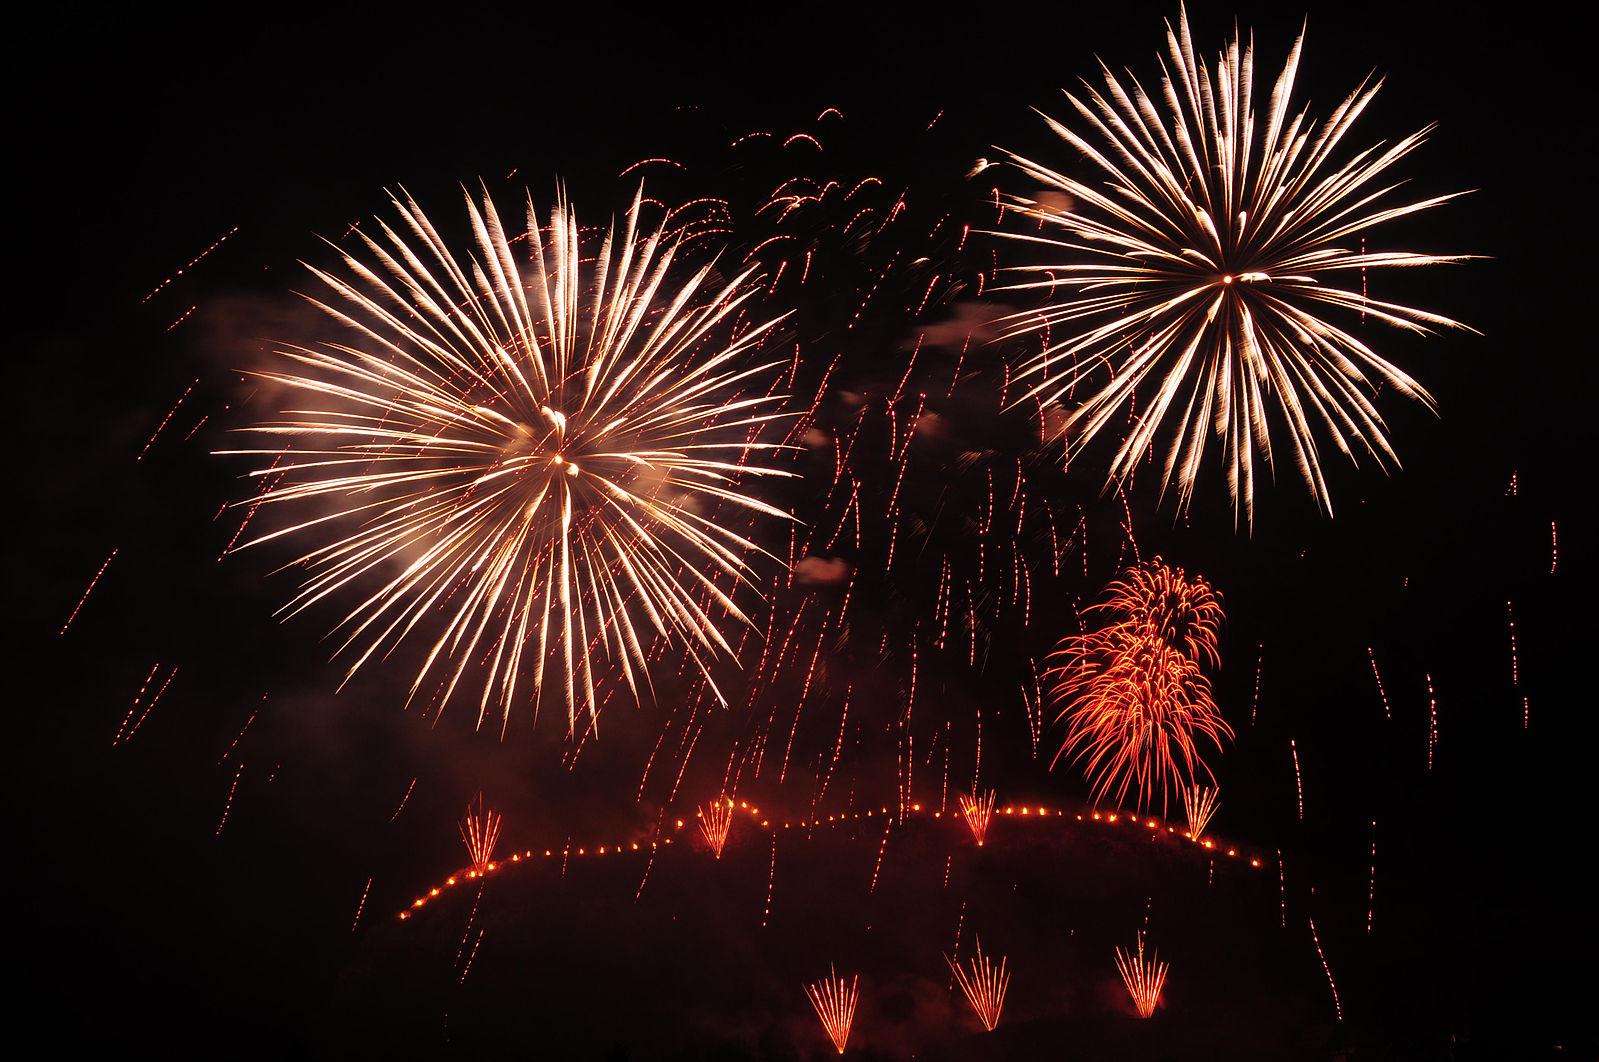 Ett Gott Nytt År önskas alla medlemmar och vänner!